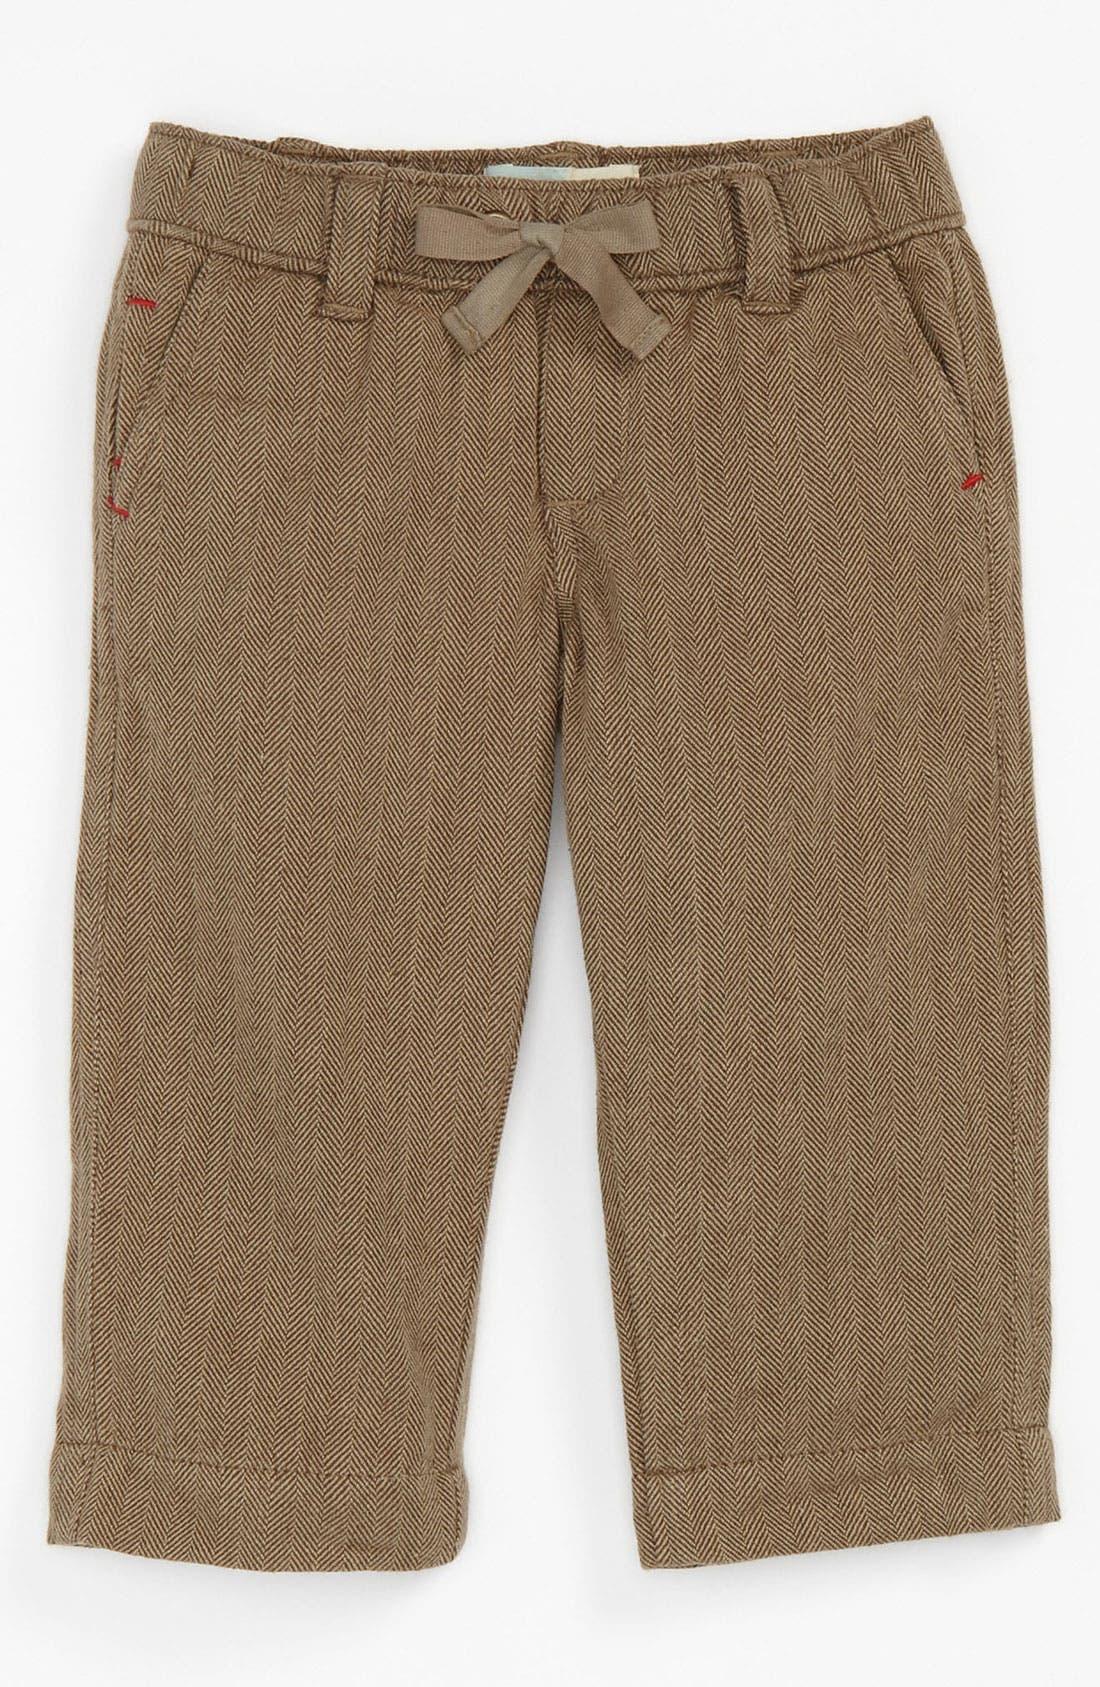 Alternate Image 1 Selected - Peek 'Homestead' Herringbone Pants (Infant)